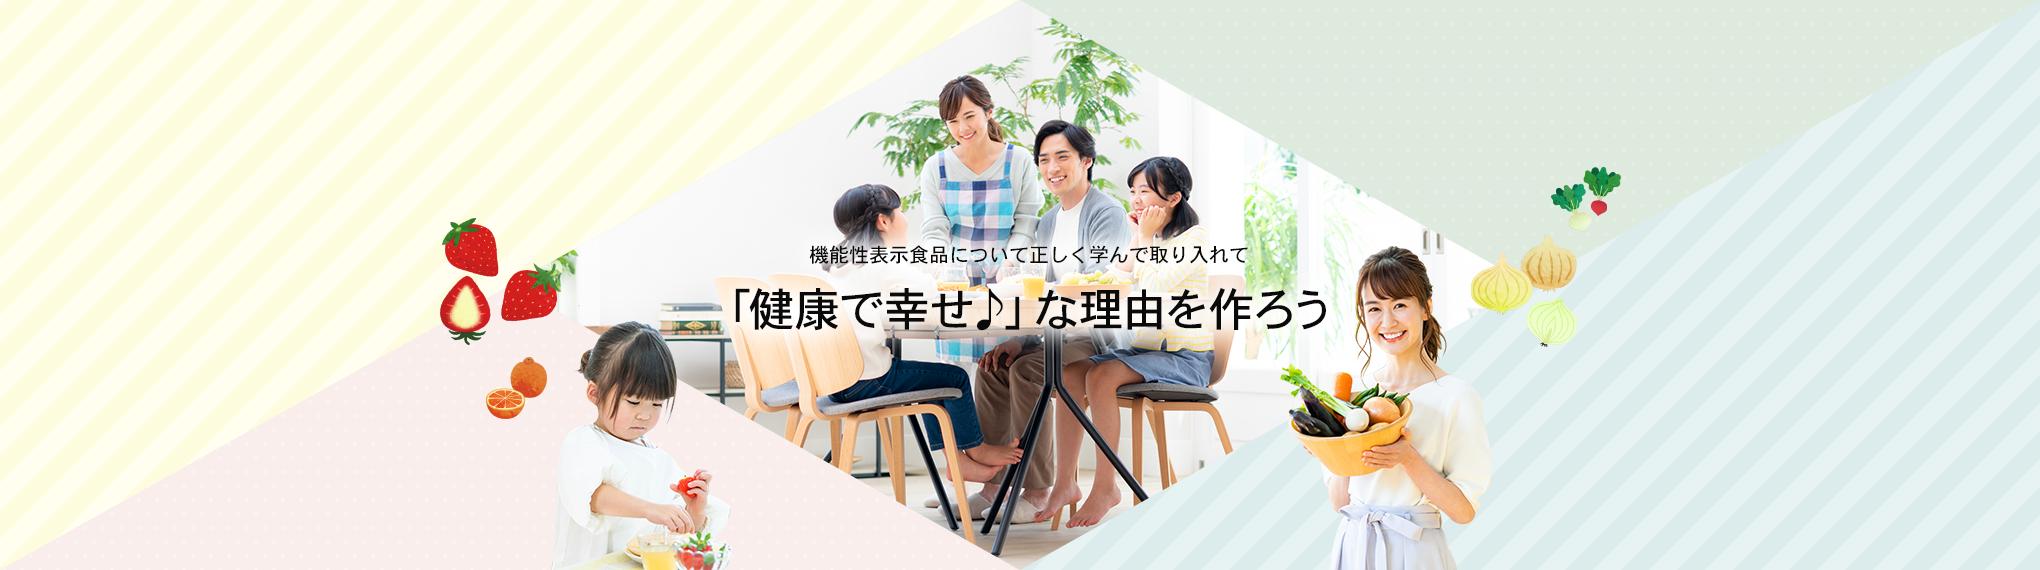 日本食品エビデンス協会サイト【消費者向け】